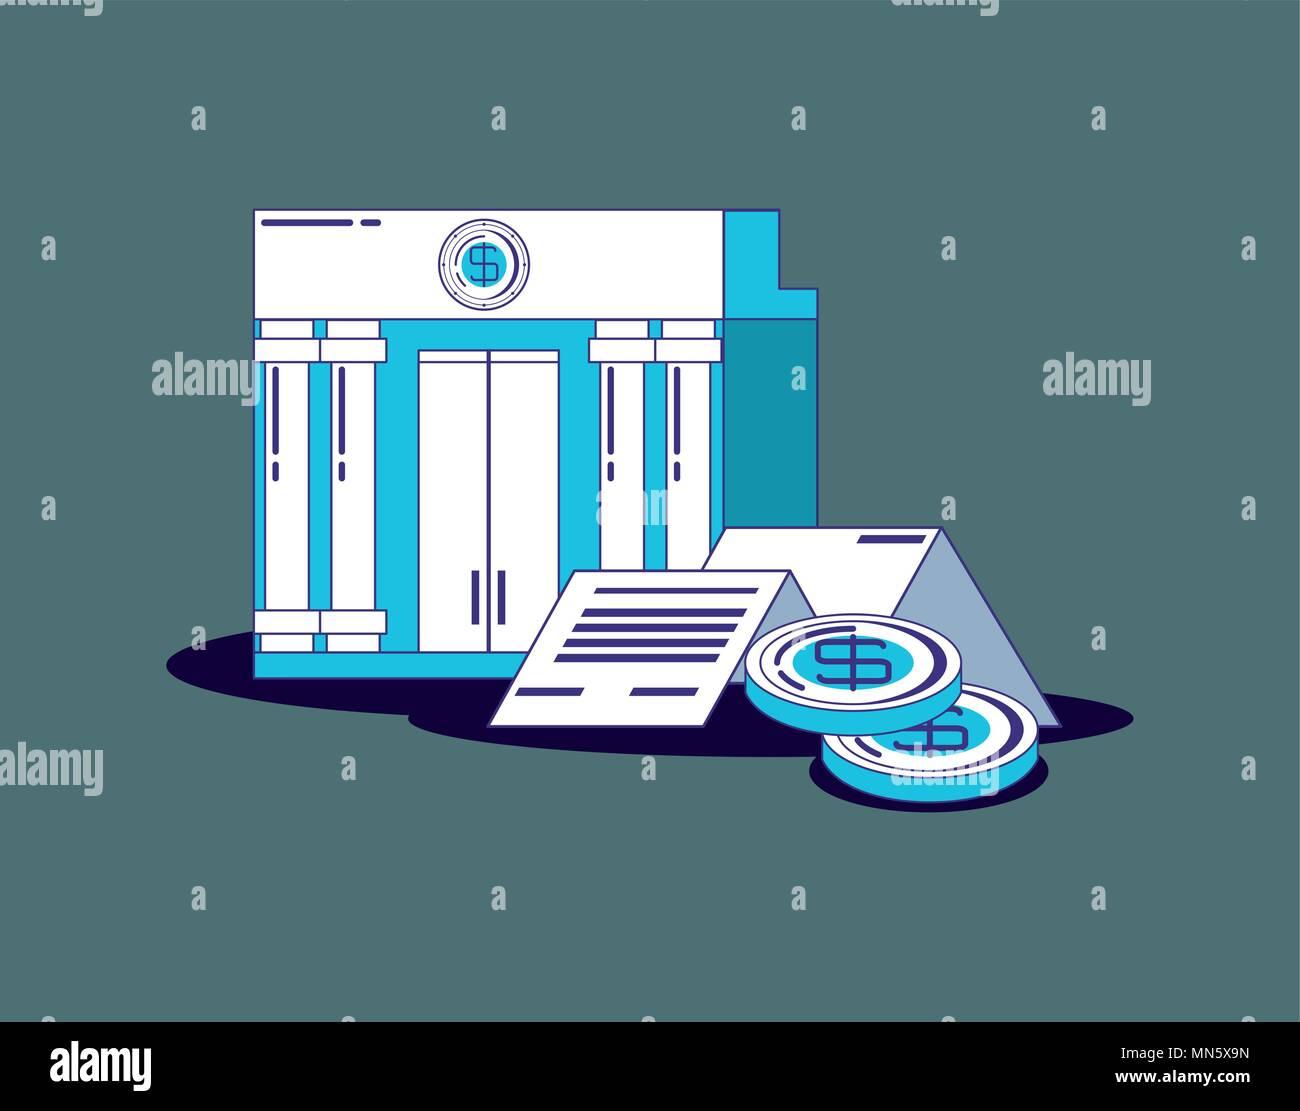 Concepto de tecnología financiera con edificio de banco y monedas sobre fondo gris, ilustración vectorial Imagen De Stock